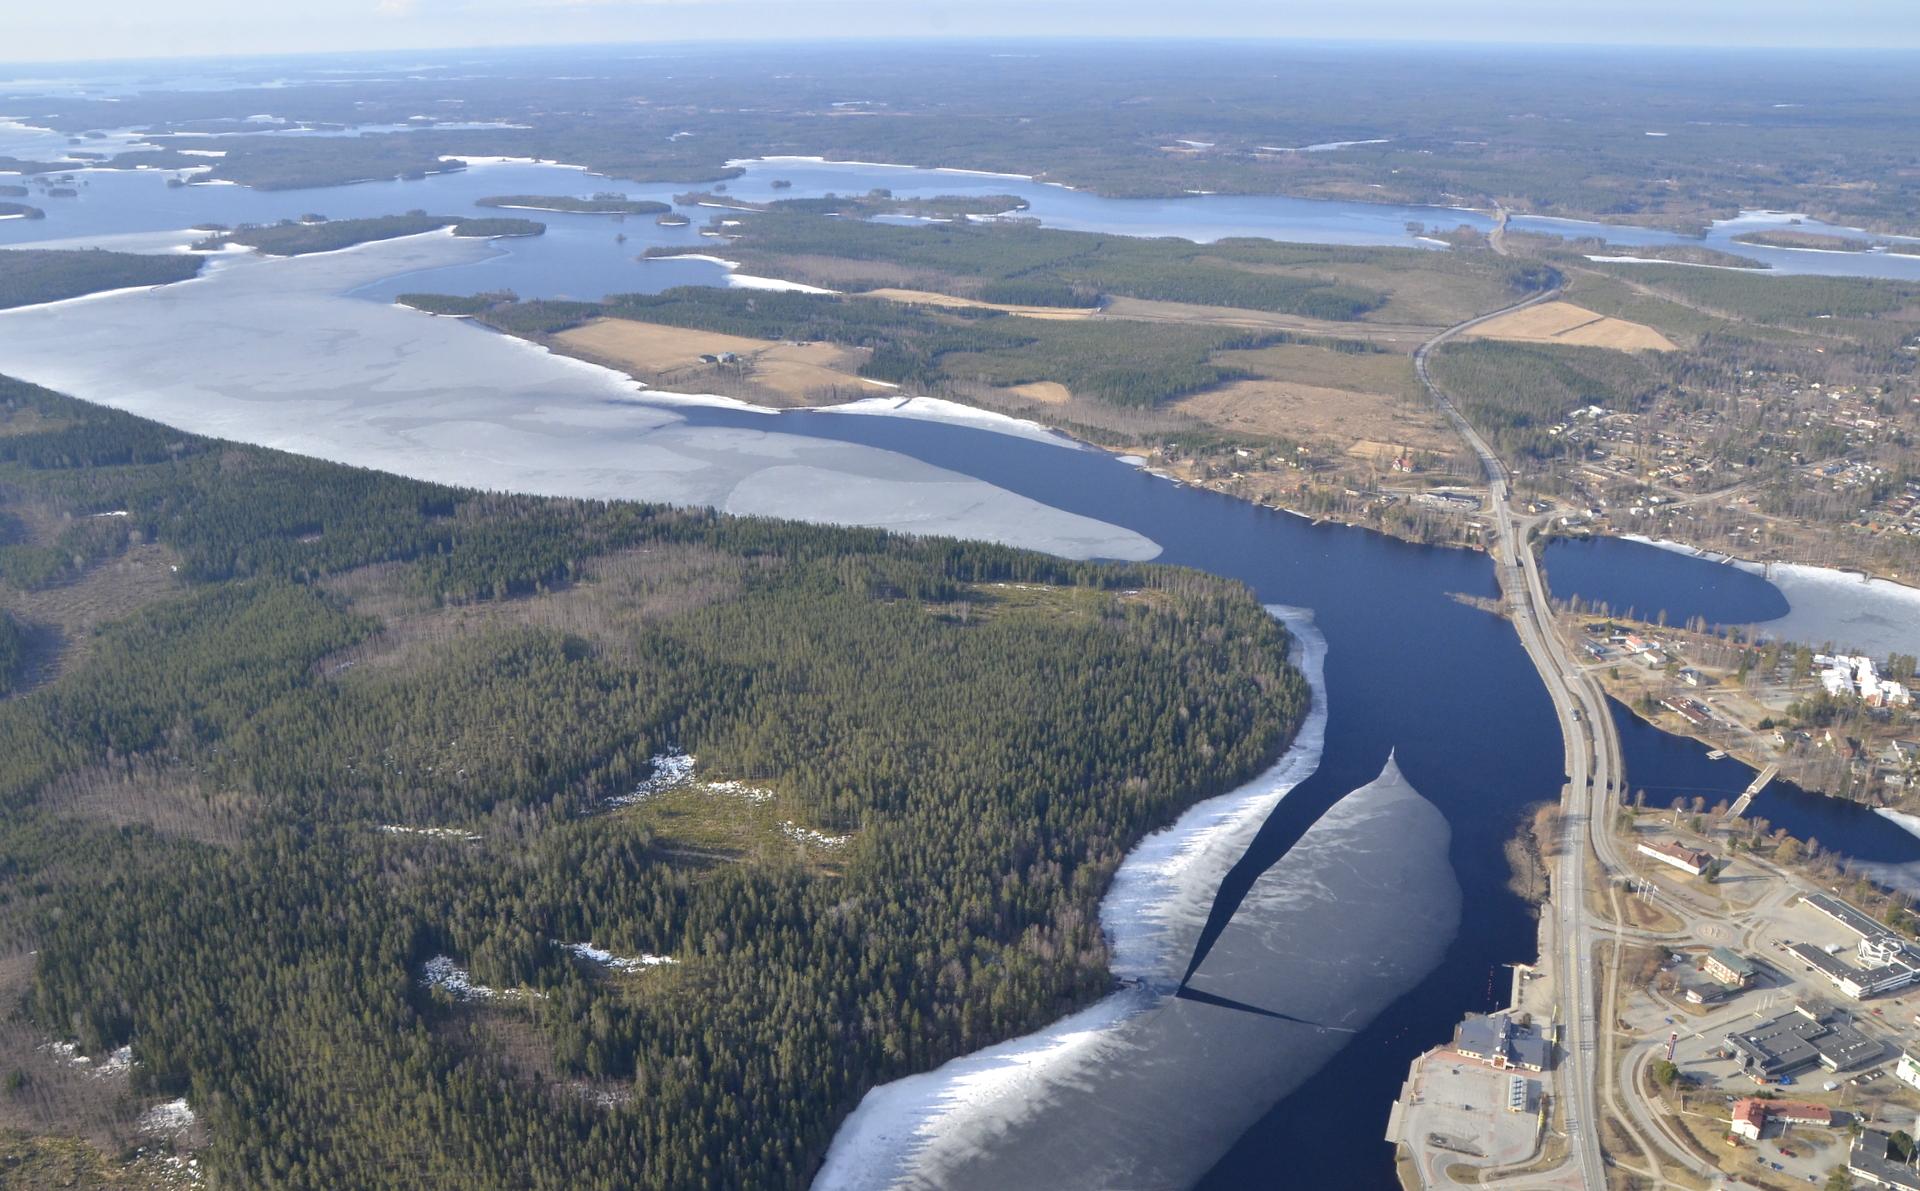 Vasemmalla Vanha Kirkkosaari, nelostie etelään.